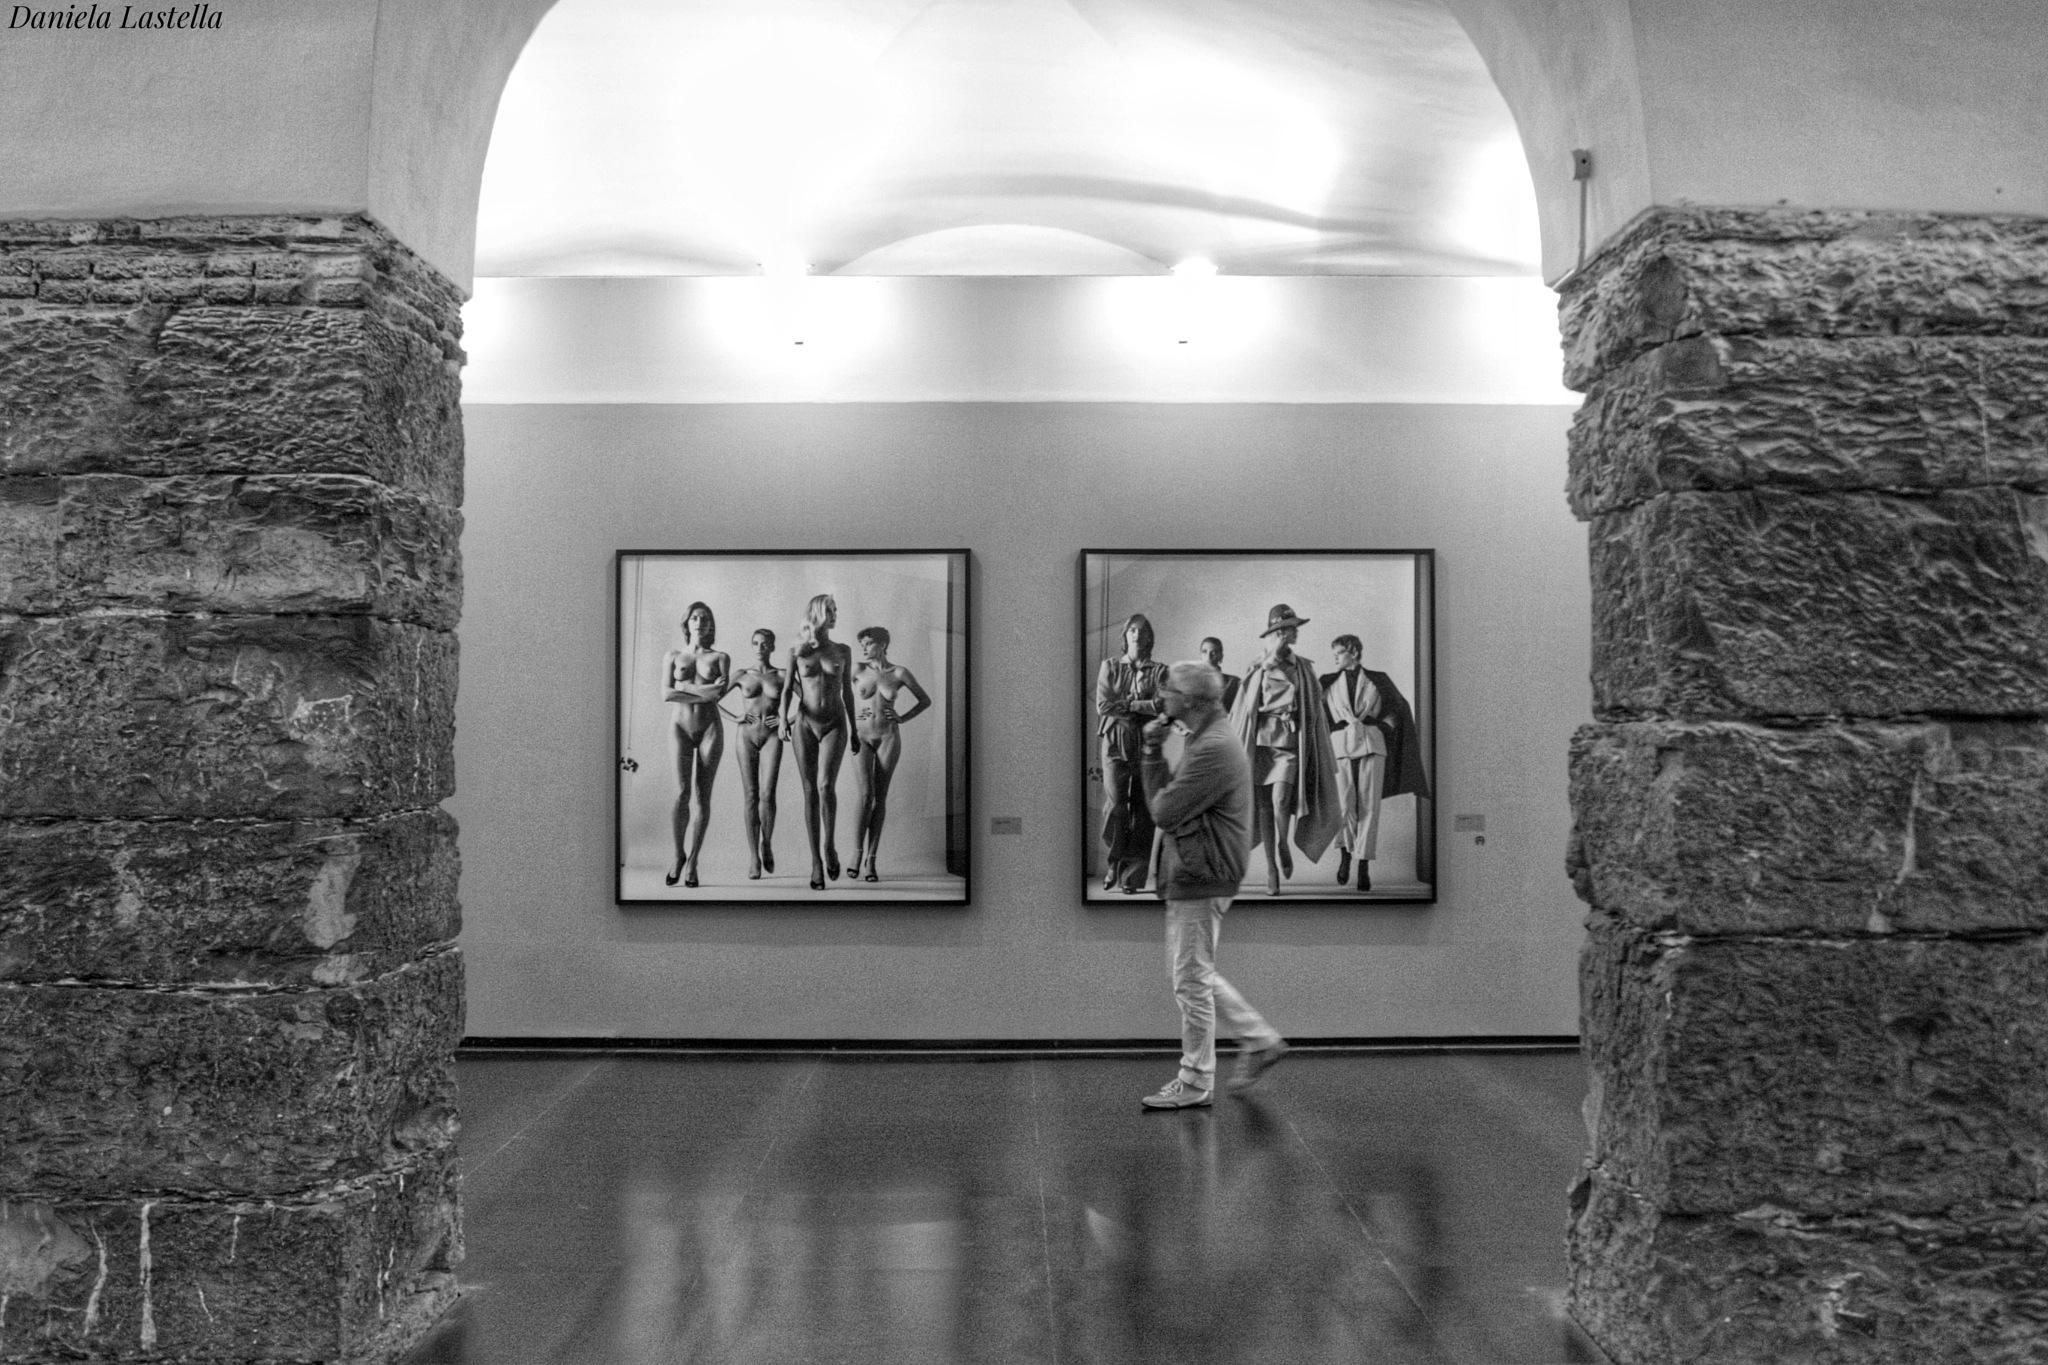 """"""" Visita alla mostra fotografica"""" by danina65ge"""